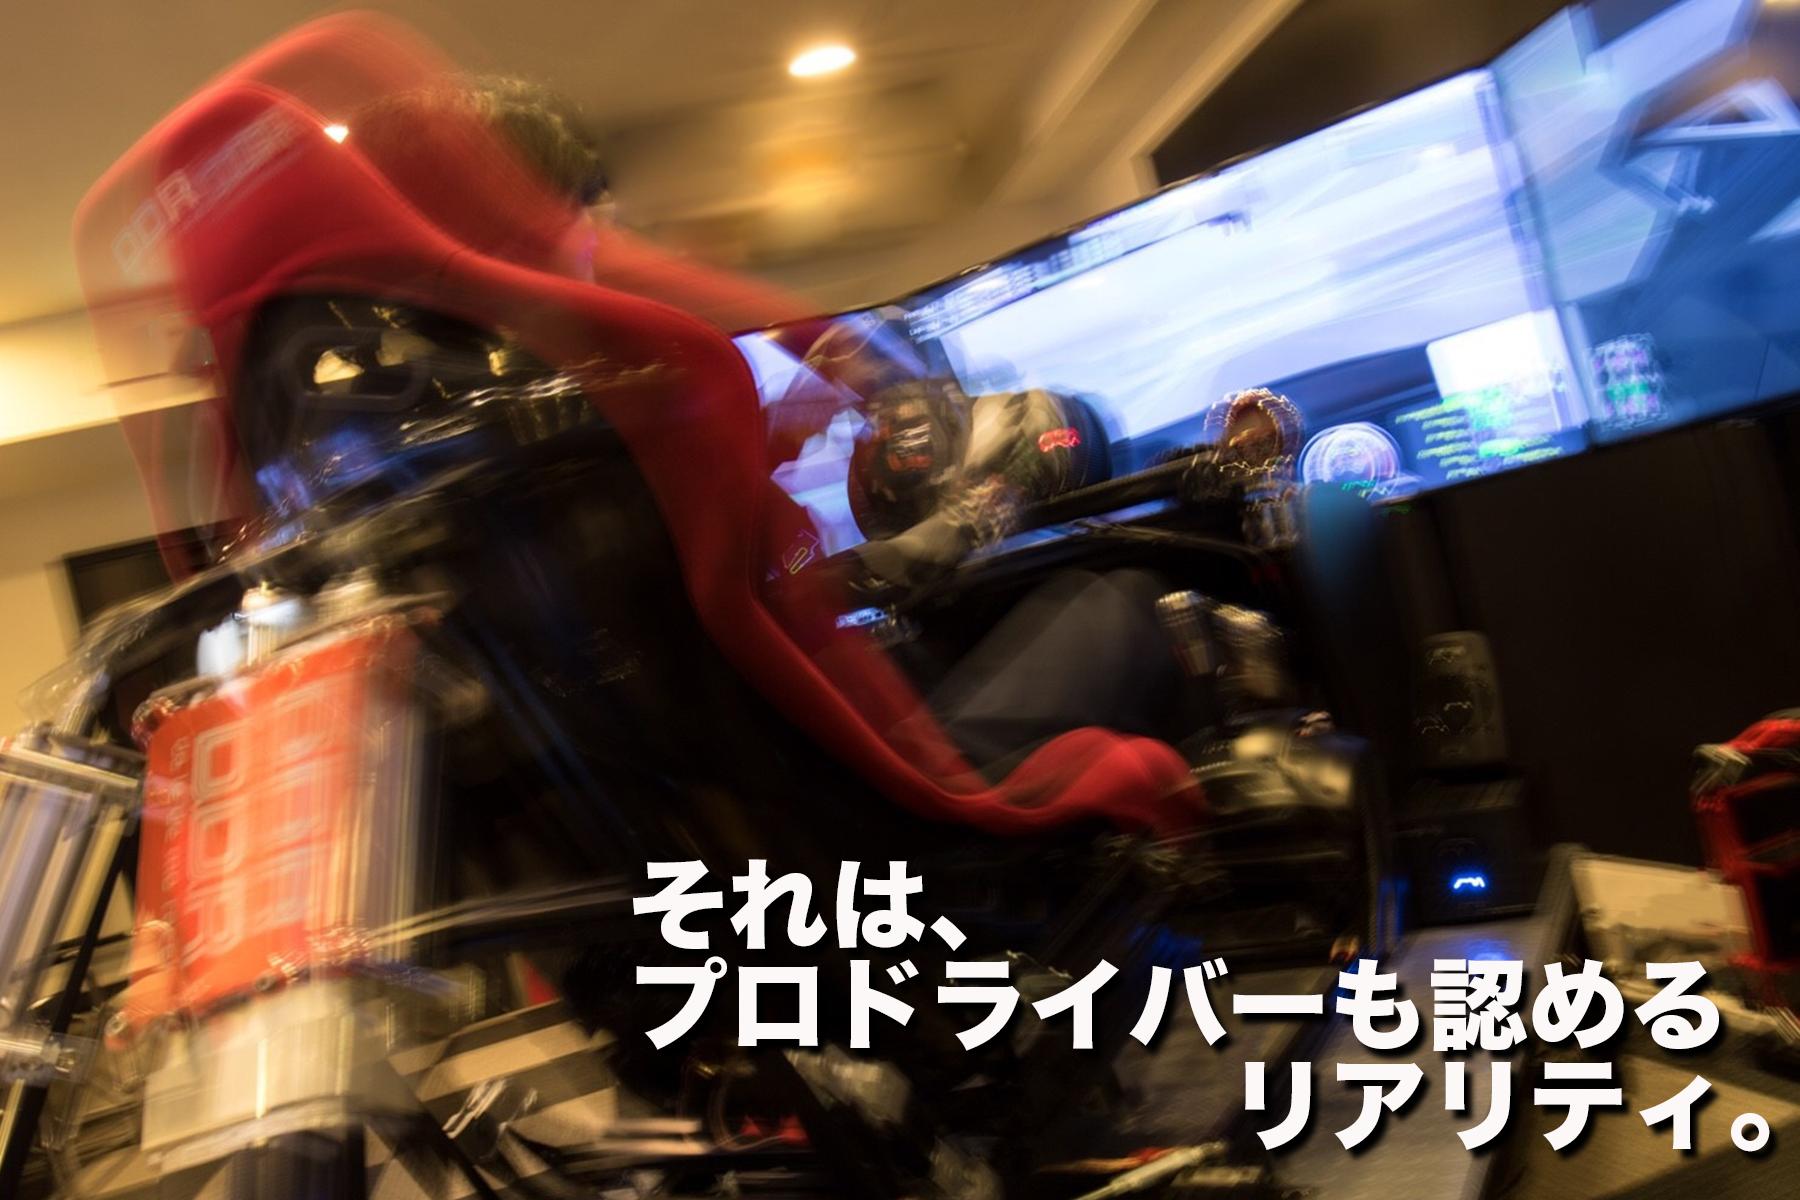 レーシングシミュレータープロショップD.D.R.